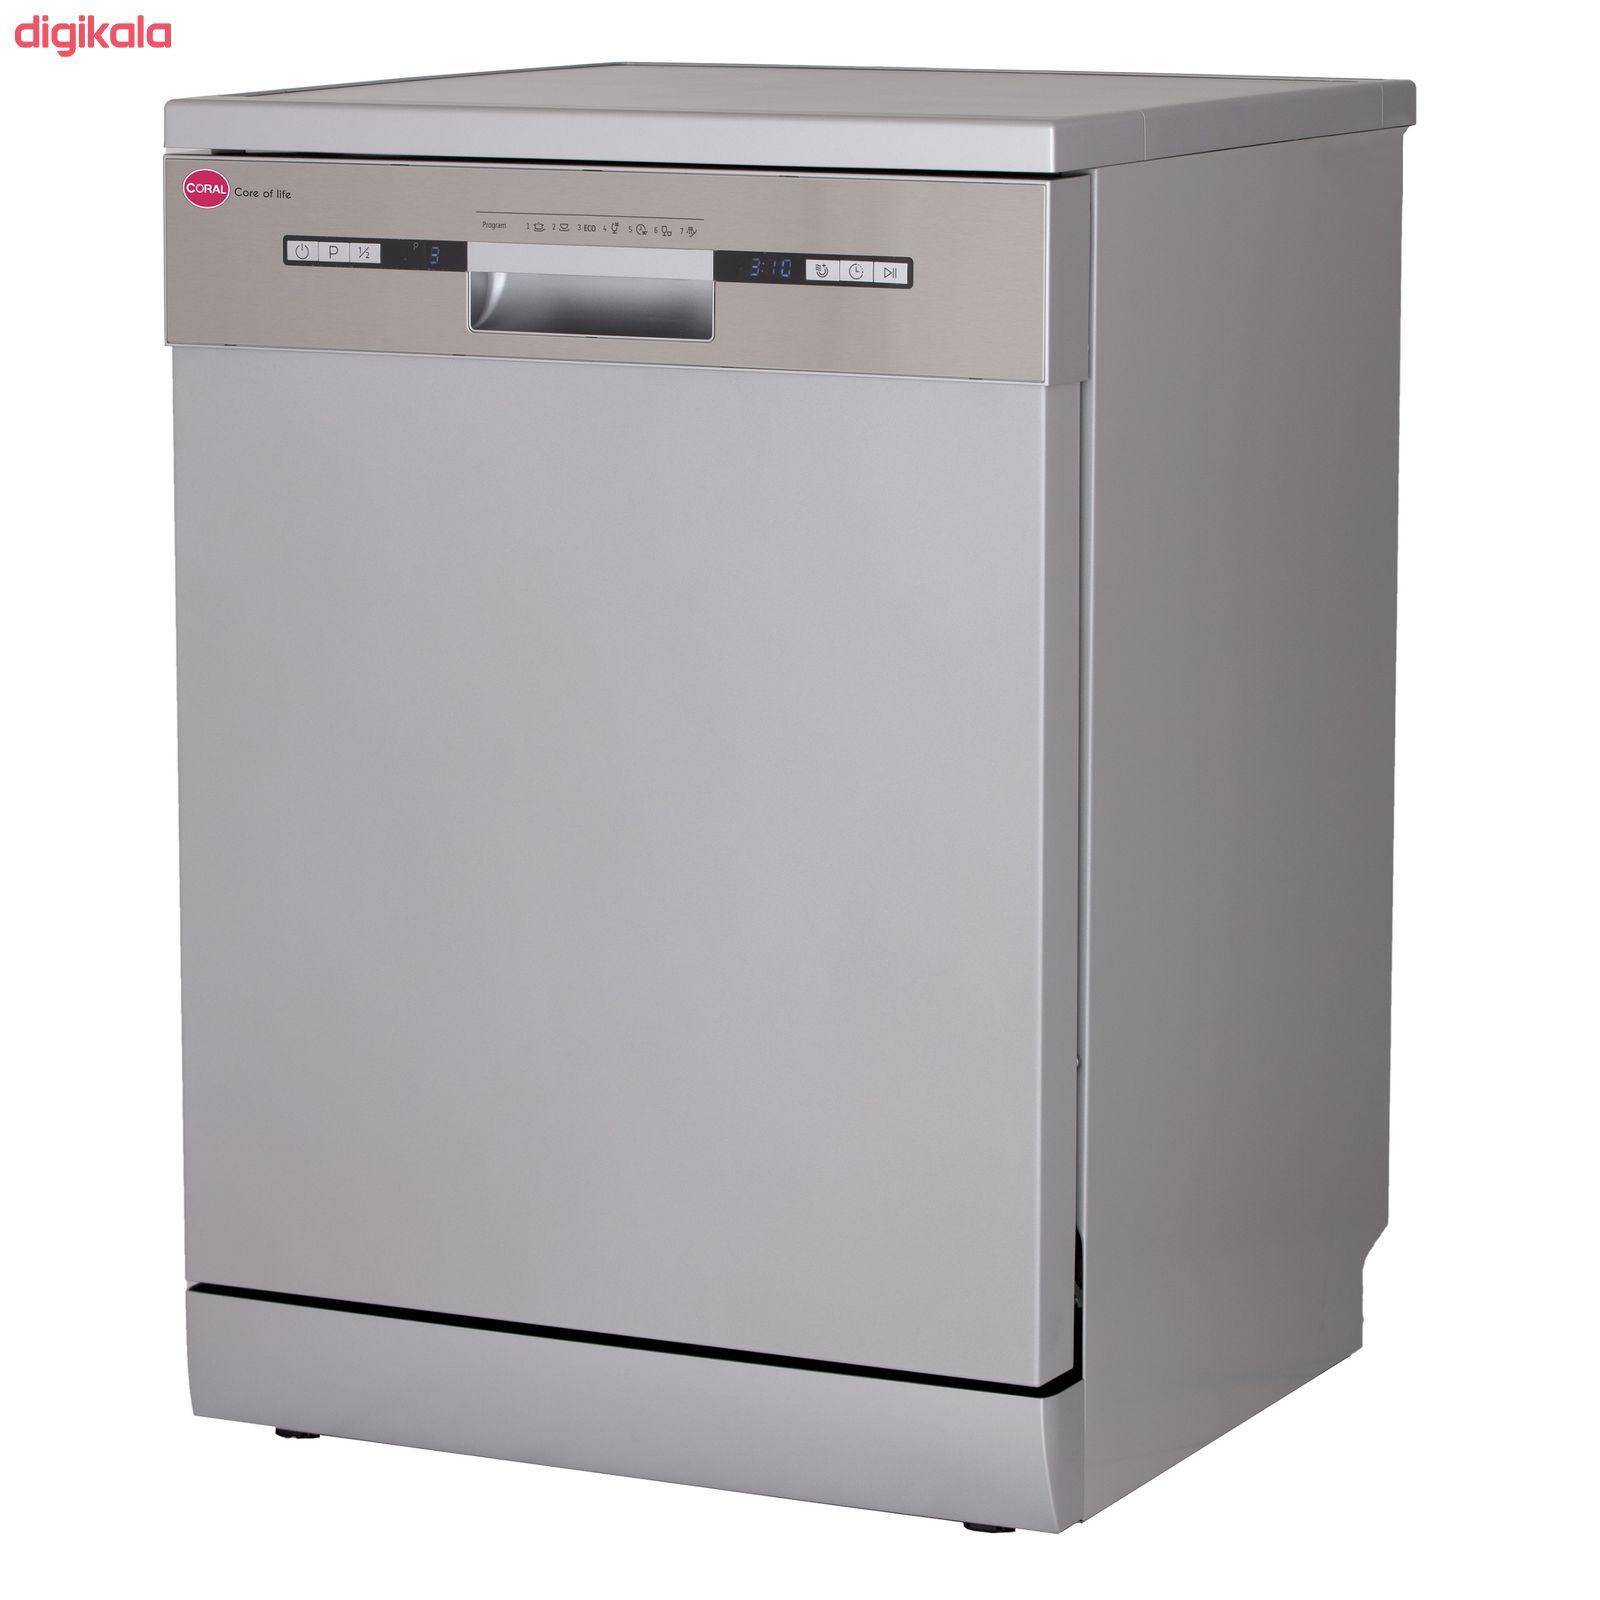 ماشین ظرفشویی کرال مدل DS 1417 main 1 2